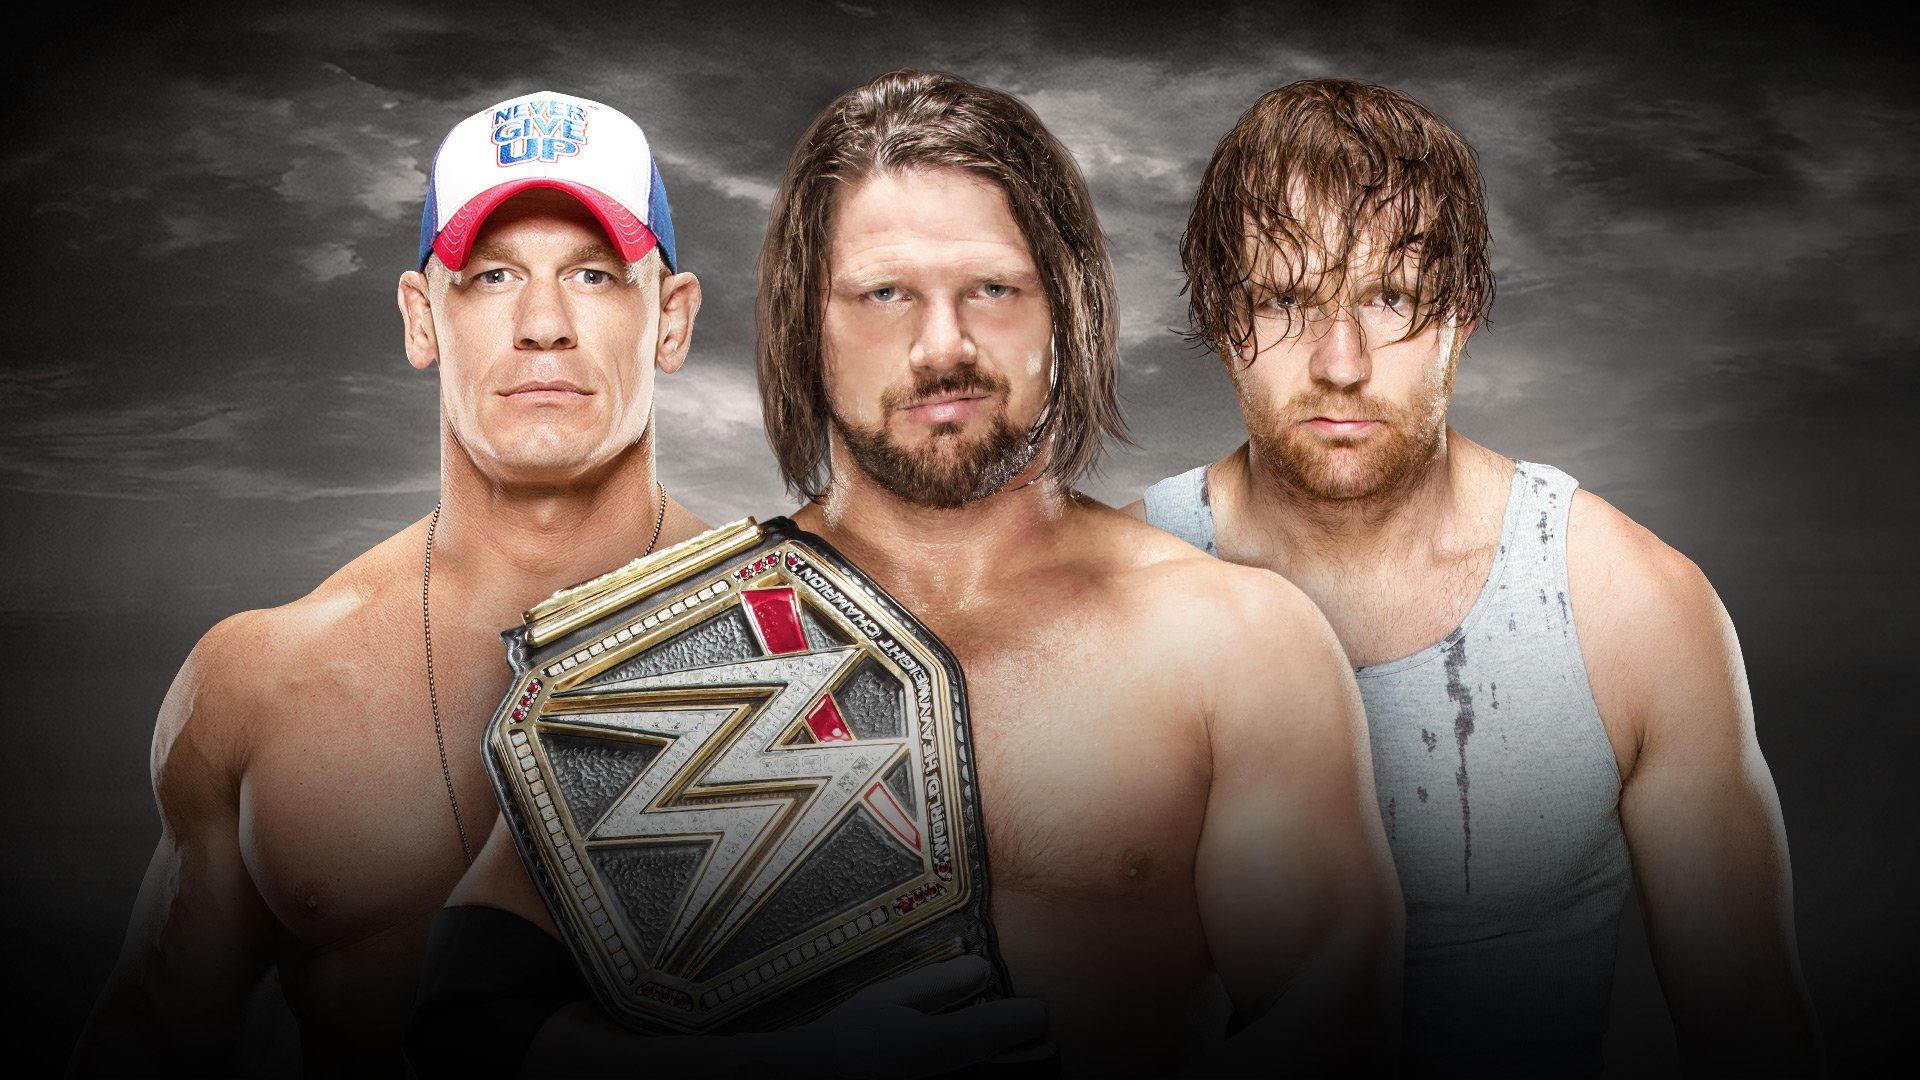 WWE NO MERCY - OCTOBER 9 - SACRAMENTO, CALIFORNIA 20160923_Nomercy_AJAmbroseCena--e7e44cdb51df417dc72e6268177b05df